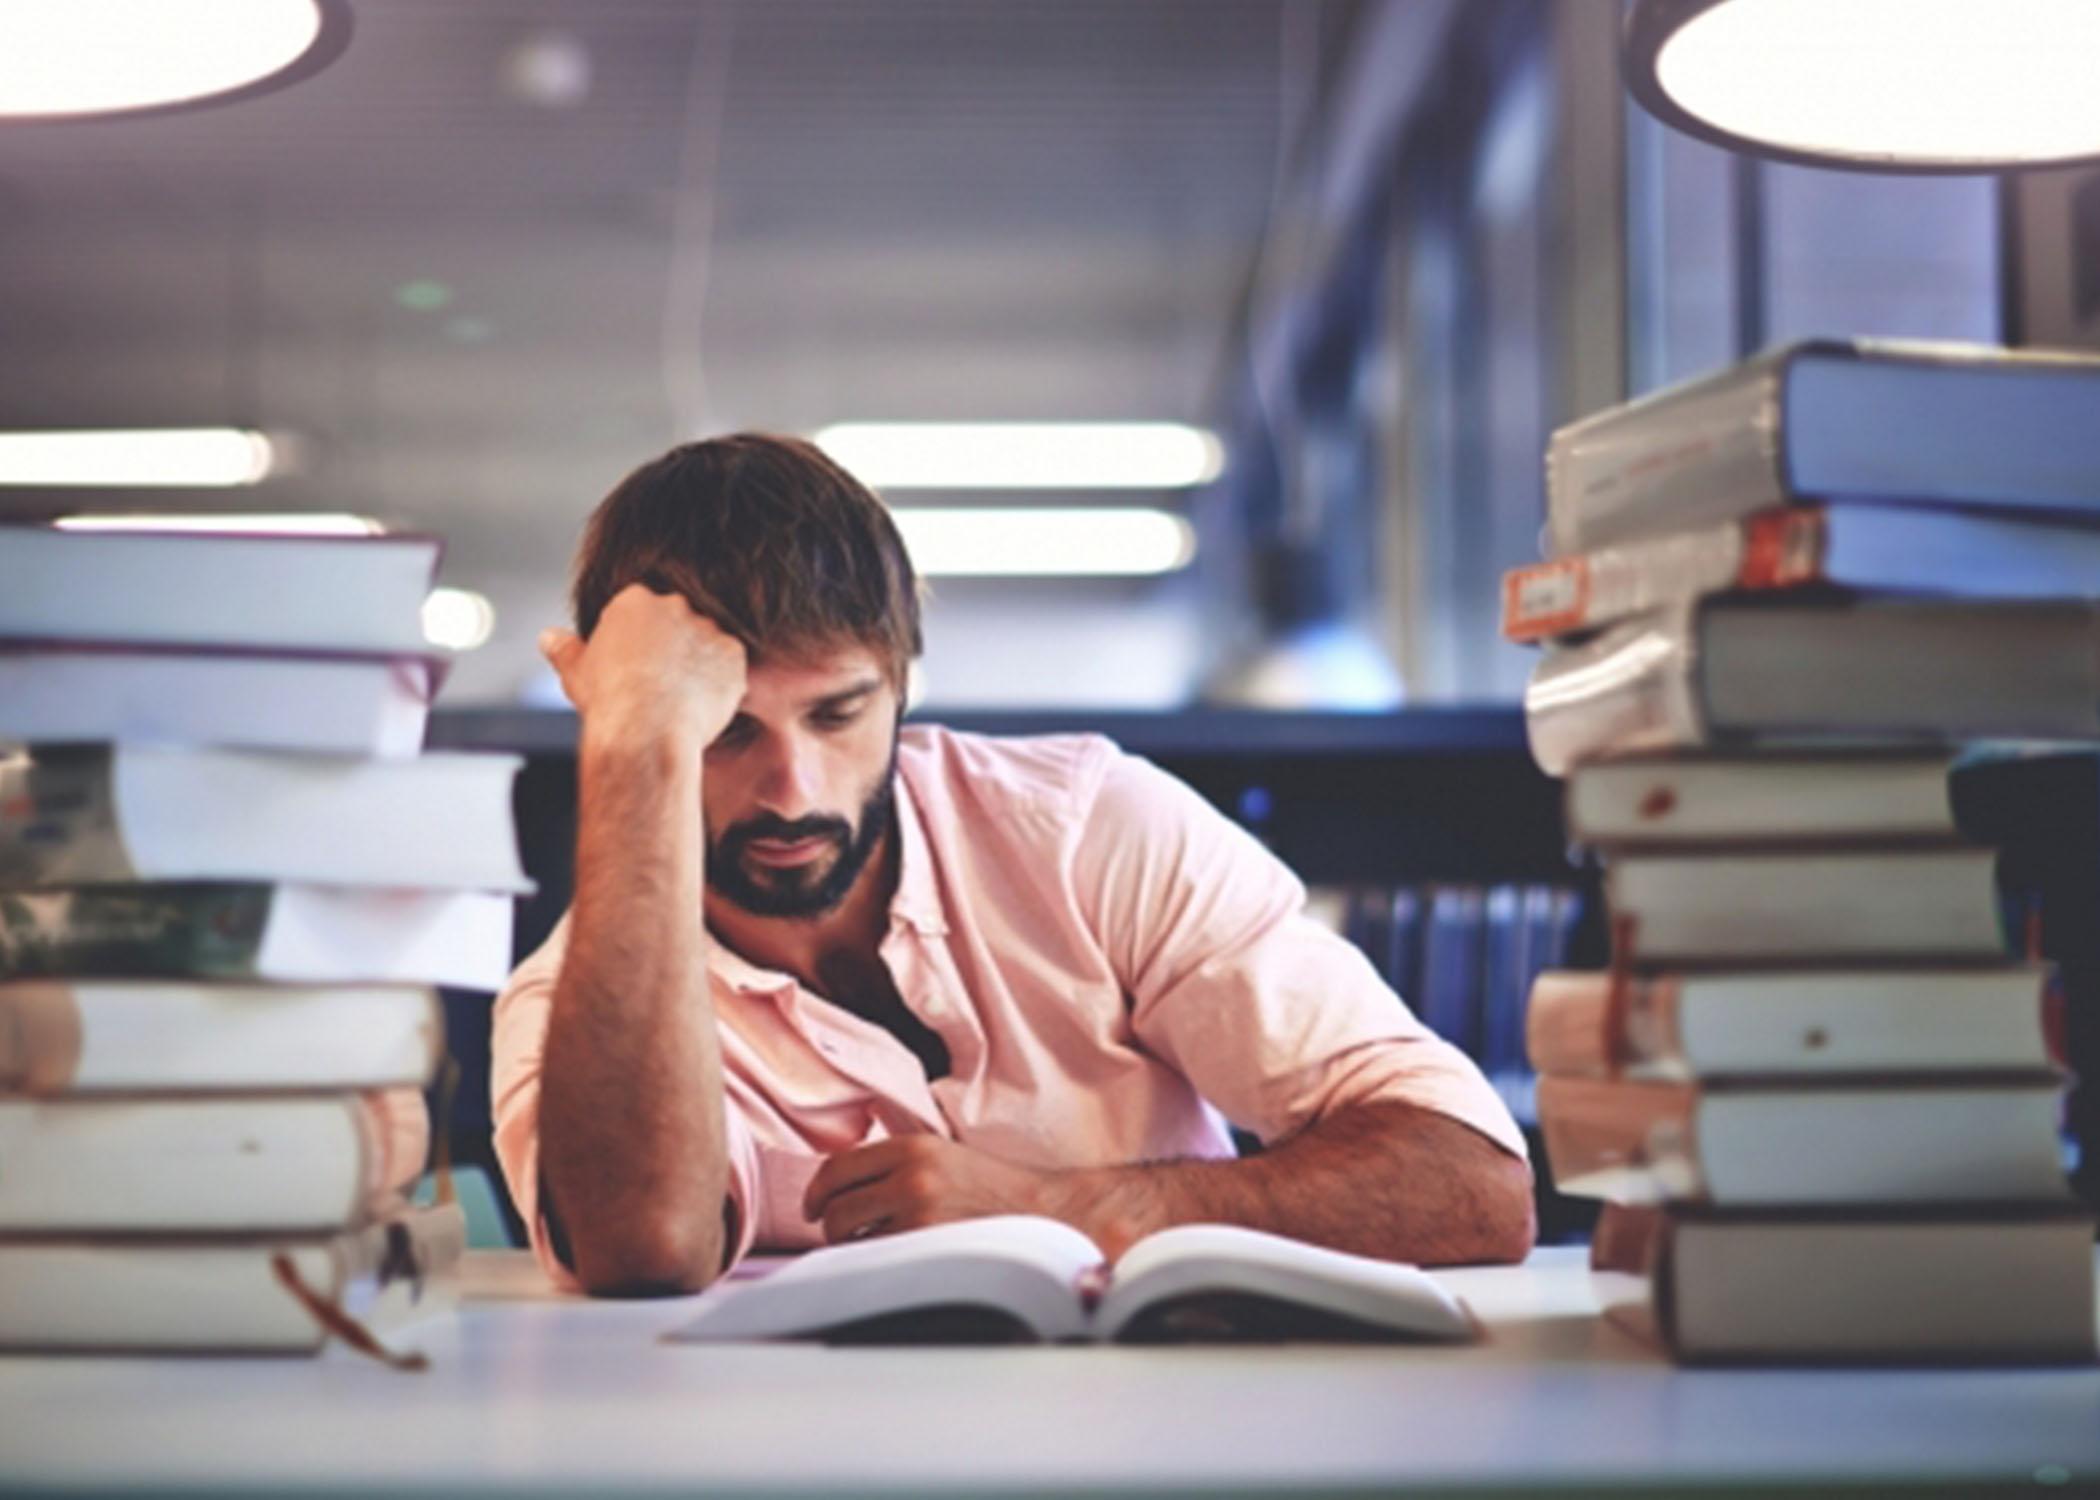 چرا یادگیری زبان انگلیسی سخت است